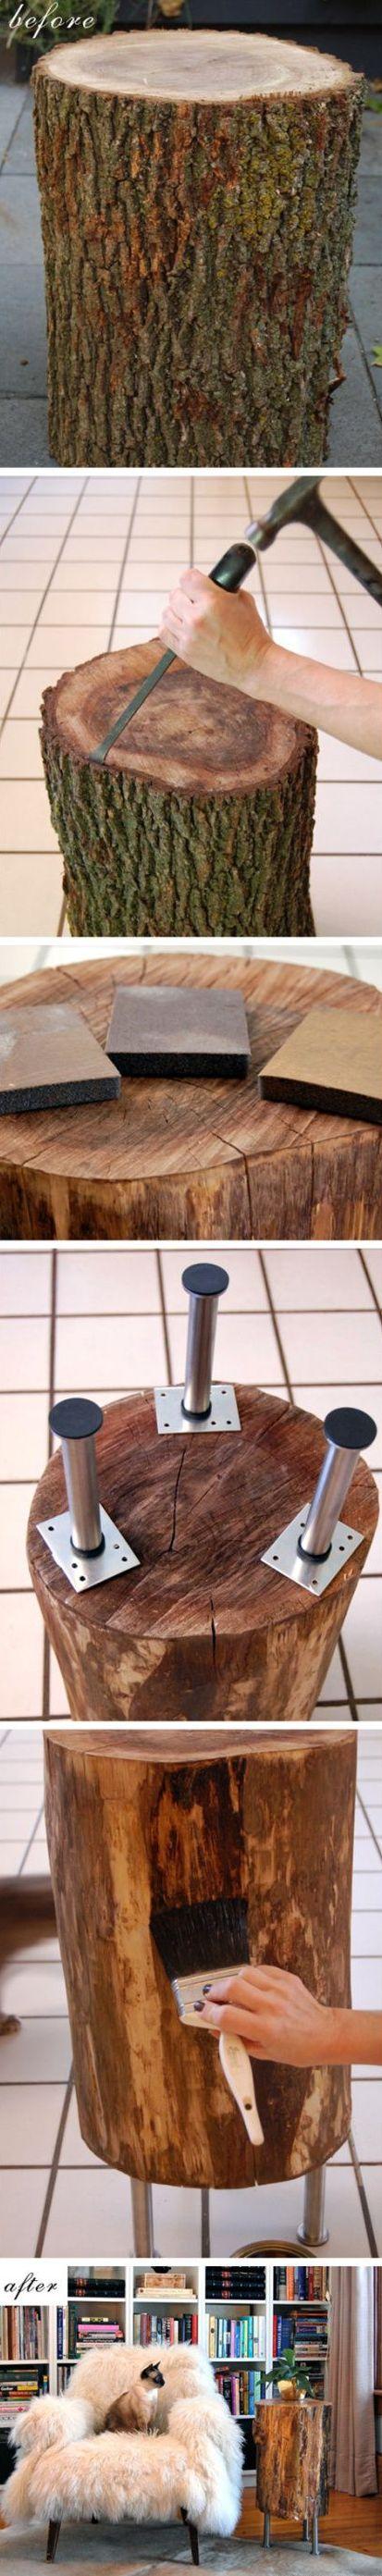 Amoureux de la nature et par le fait même de la déco rustique, voici une bûche modifiée en table basse. À faire soi-même